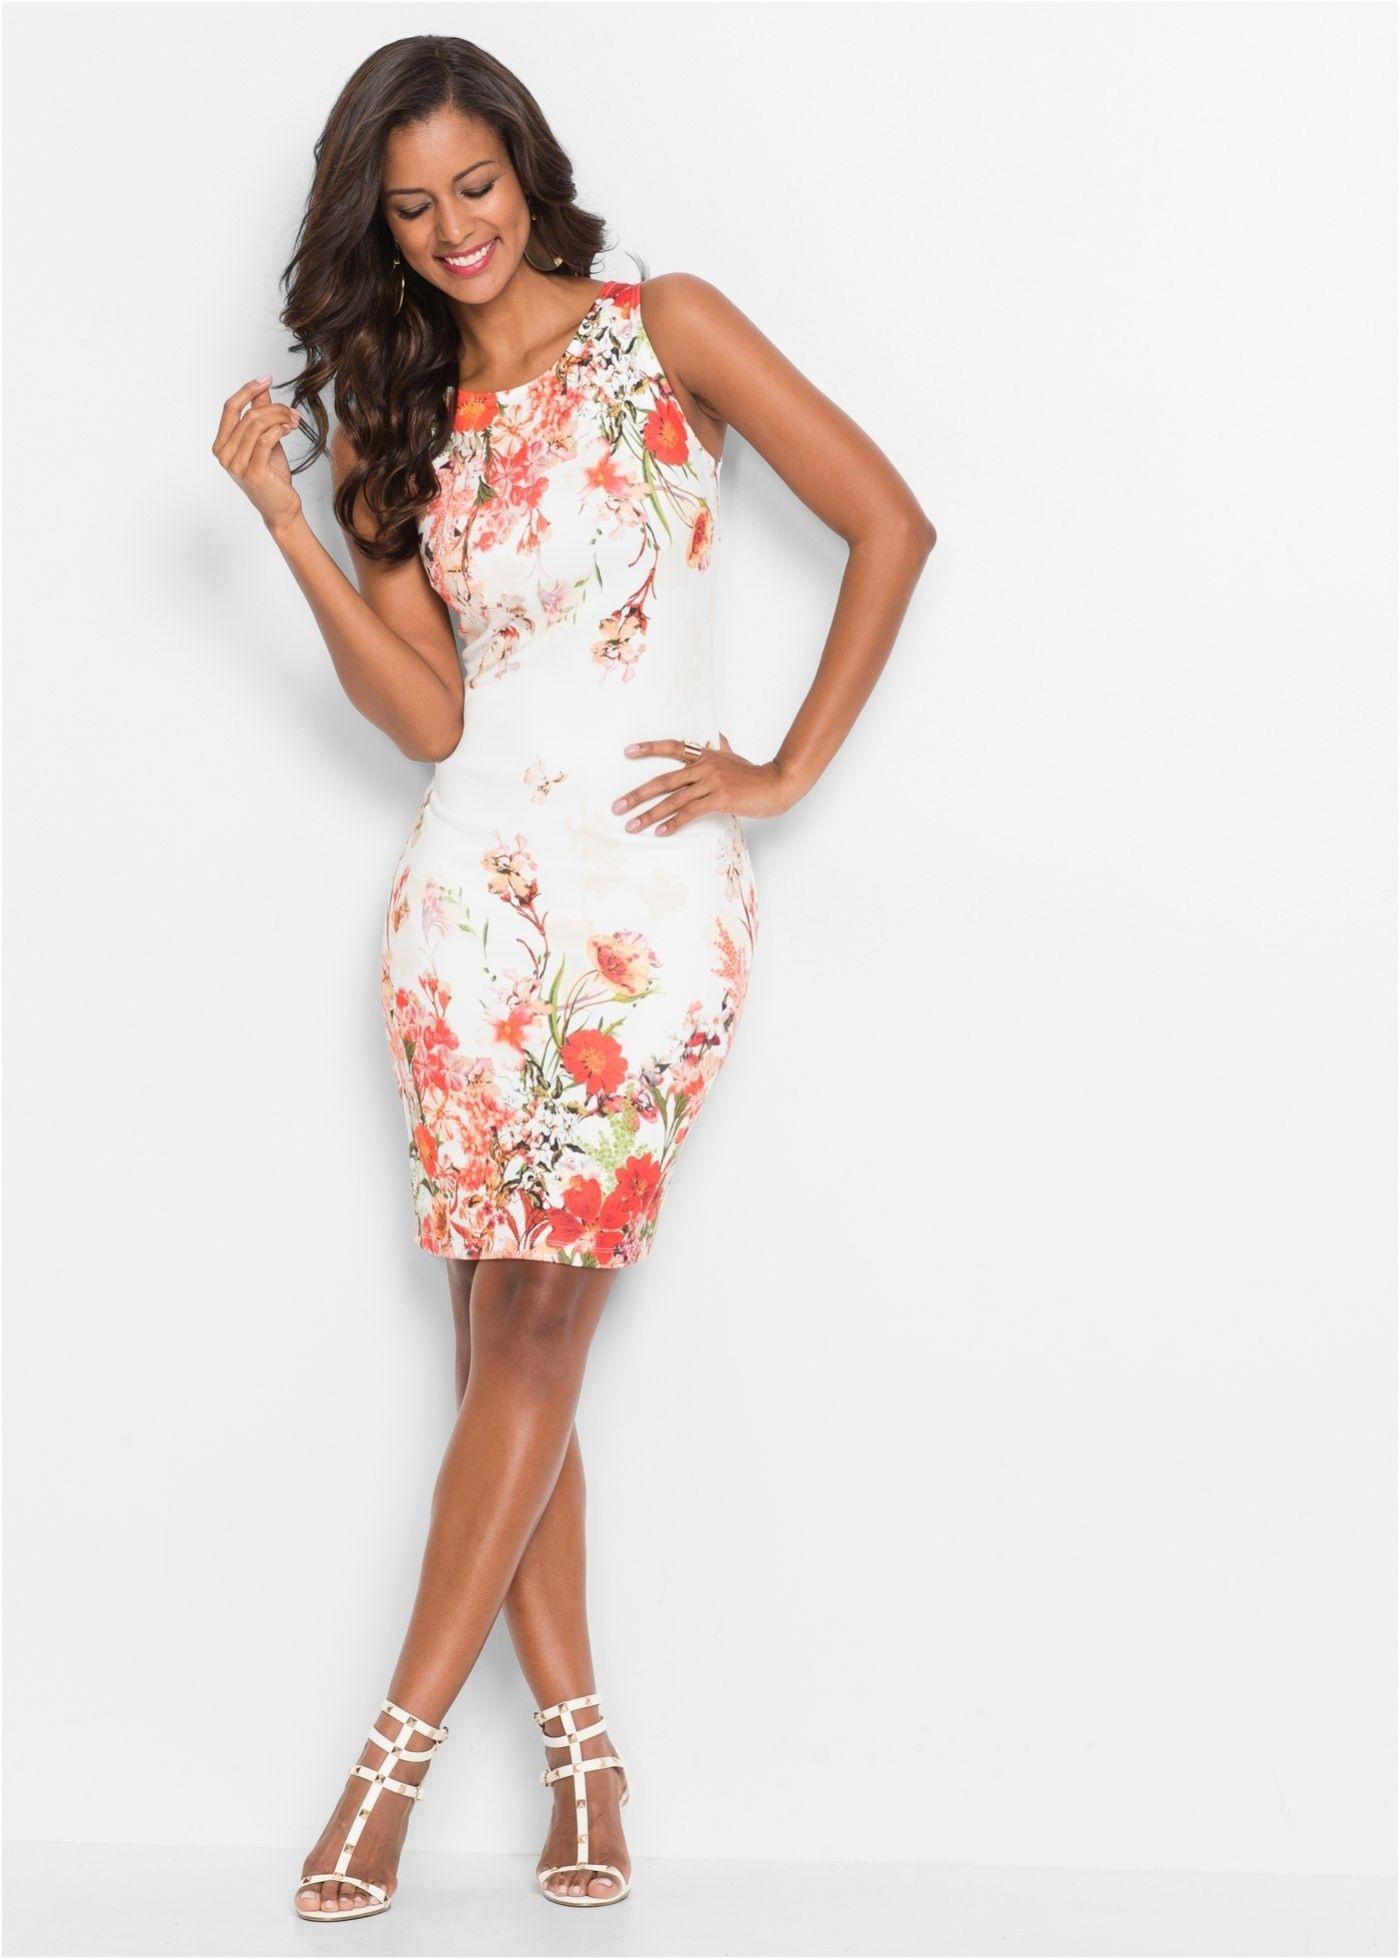 12 Spektakulär Blumenkleid Für Hochzeit Design - Abendkleid